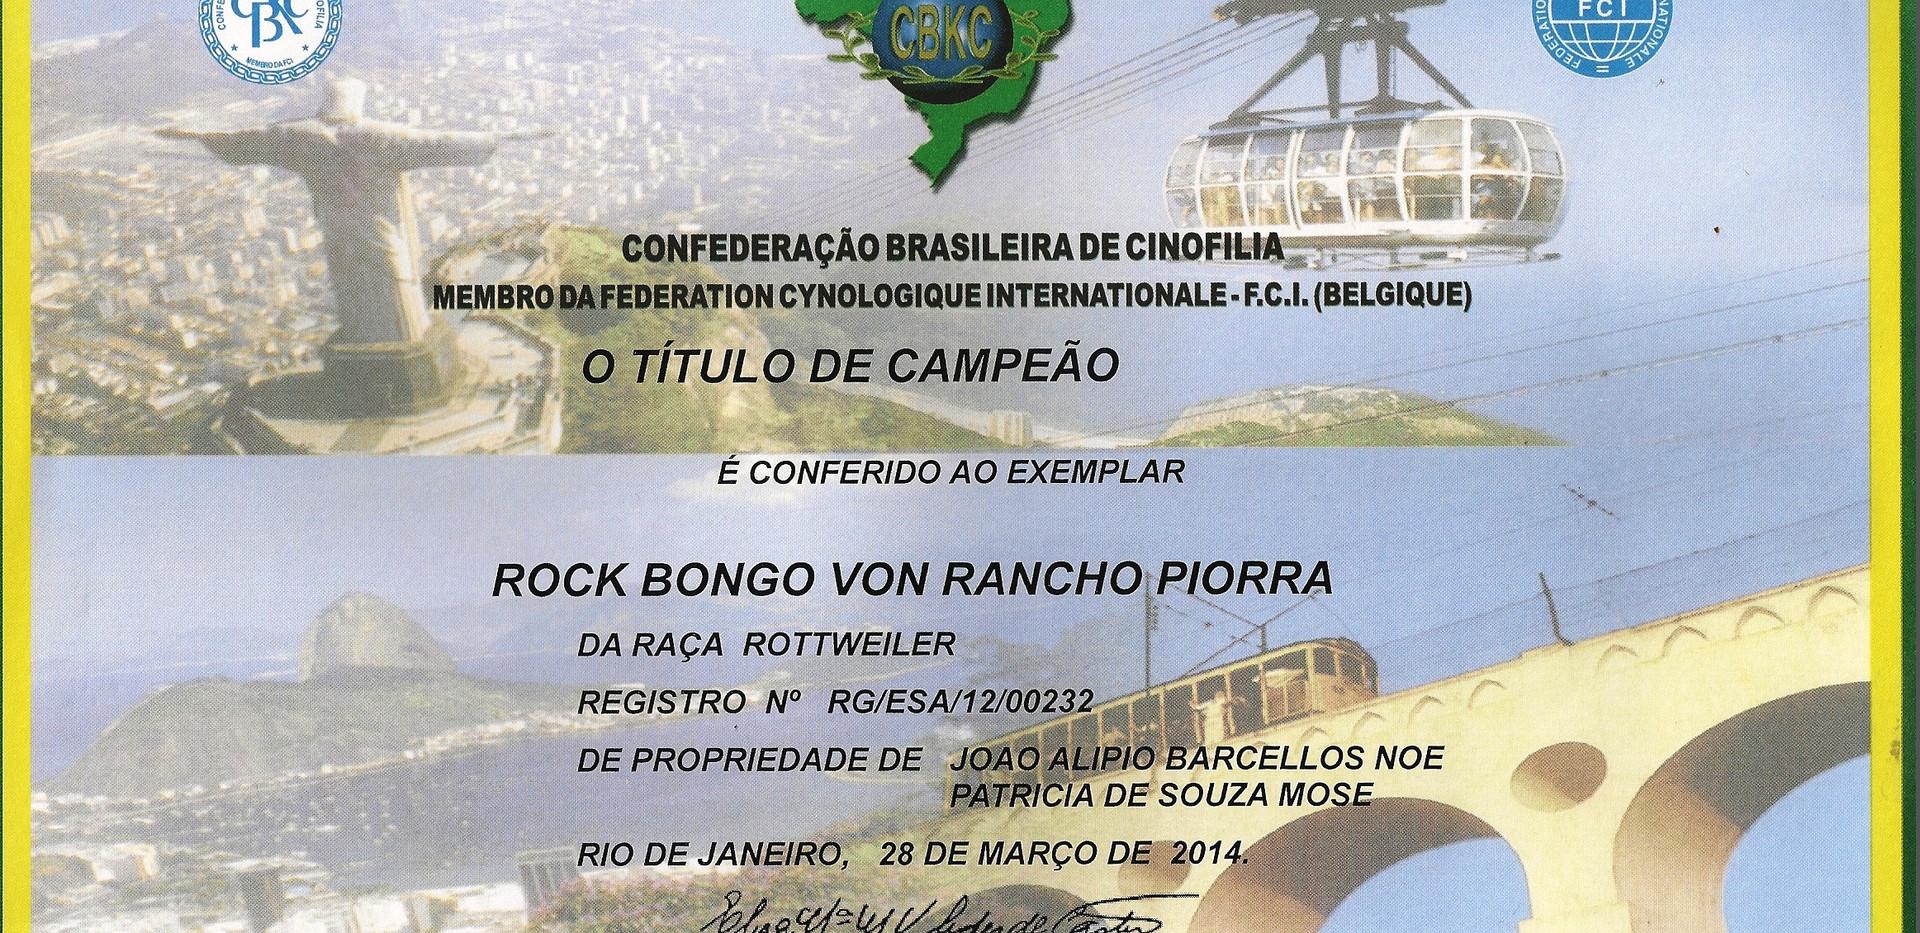 ROCK BONGO VON RANCHO PIORRA